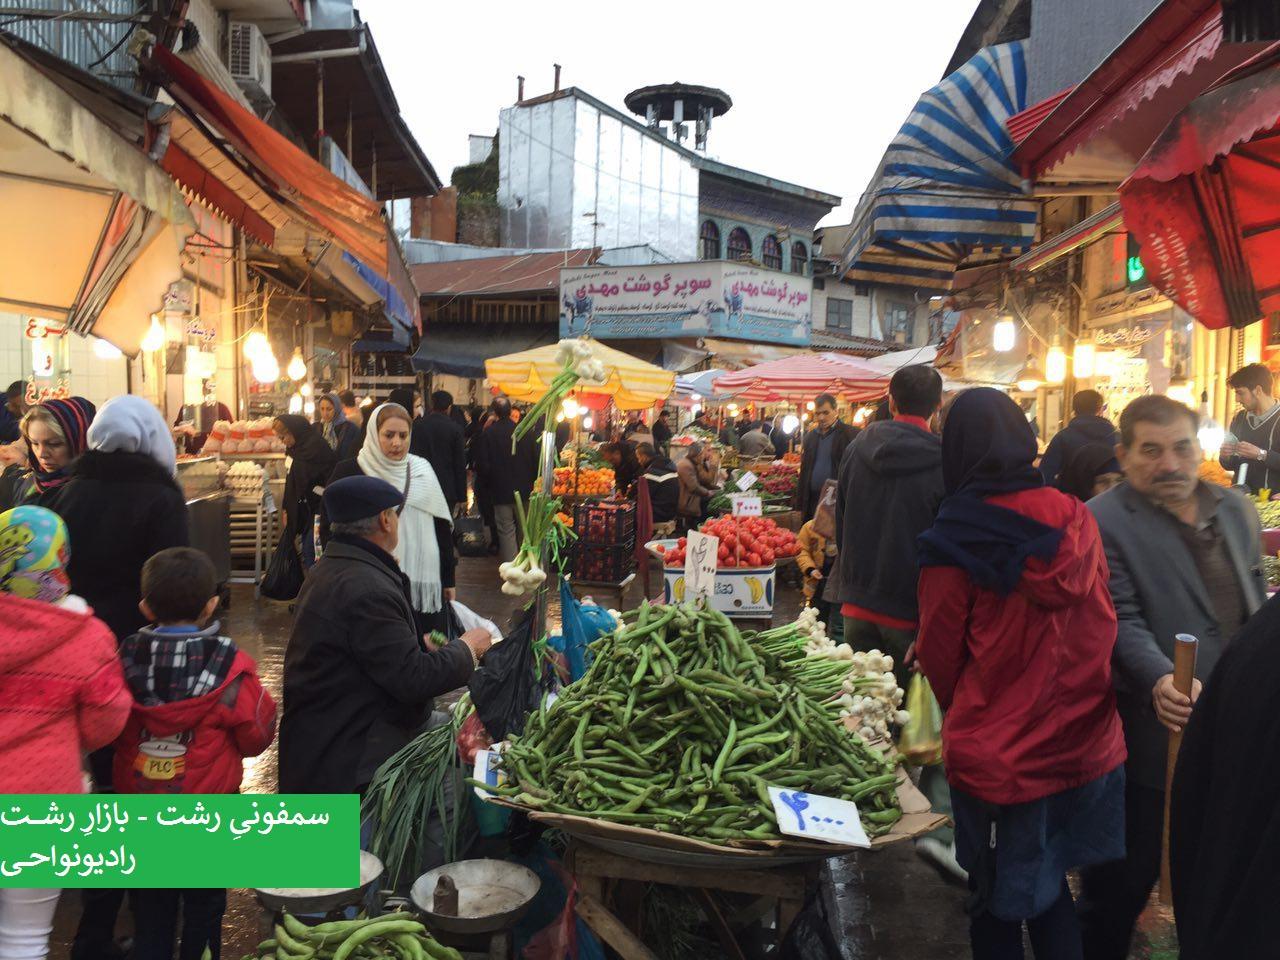 سمفونیِ رشت - بازارِ رشت